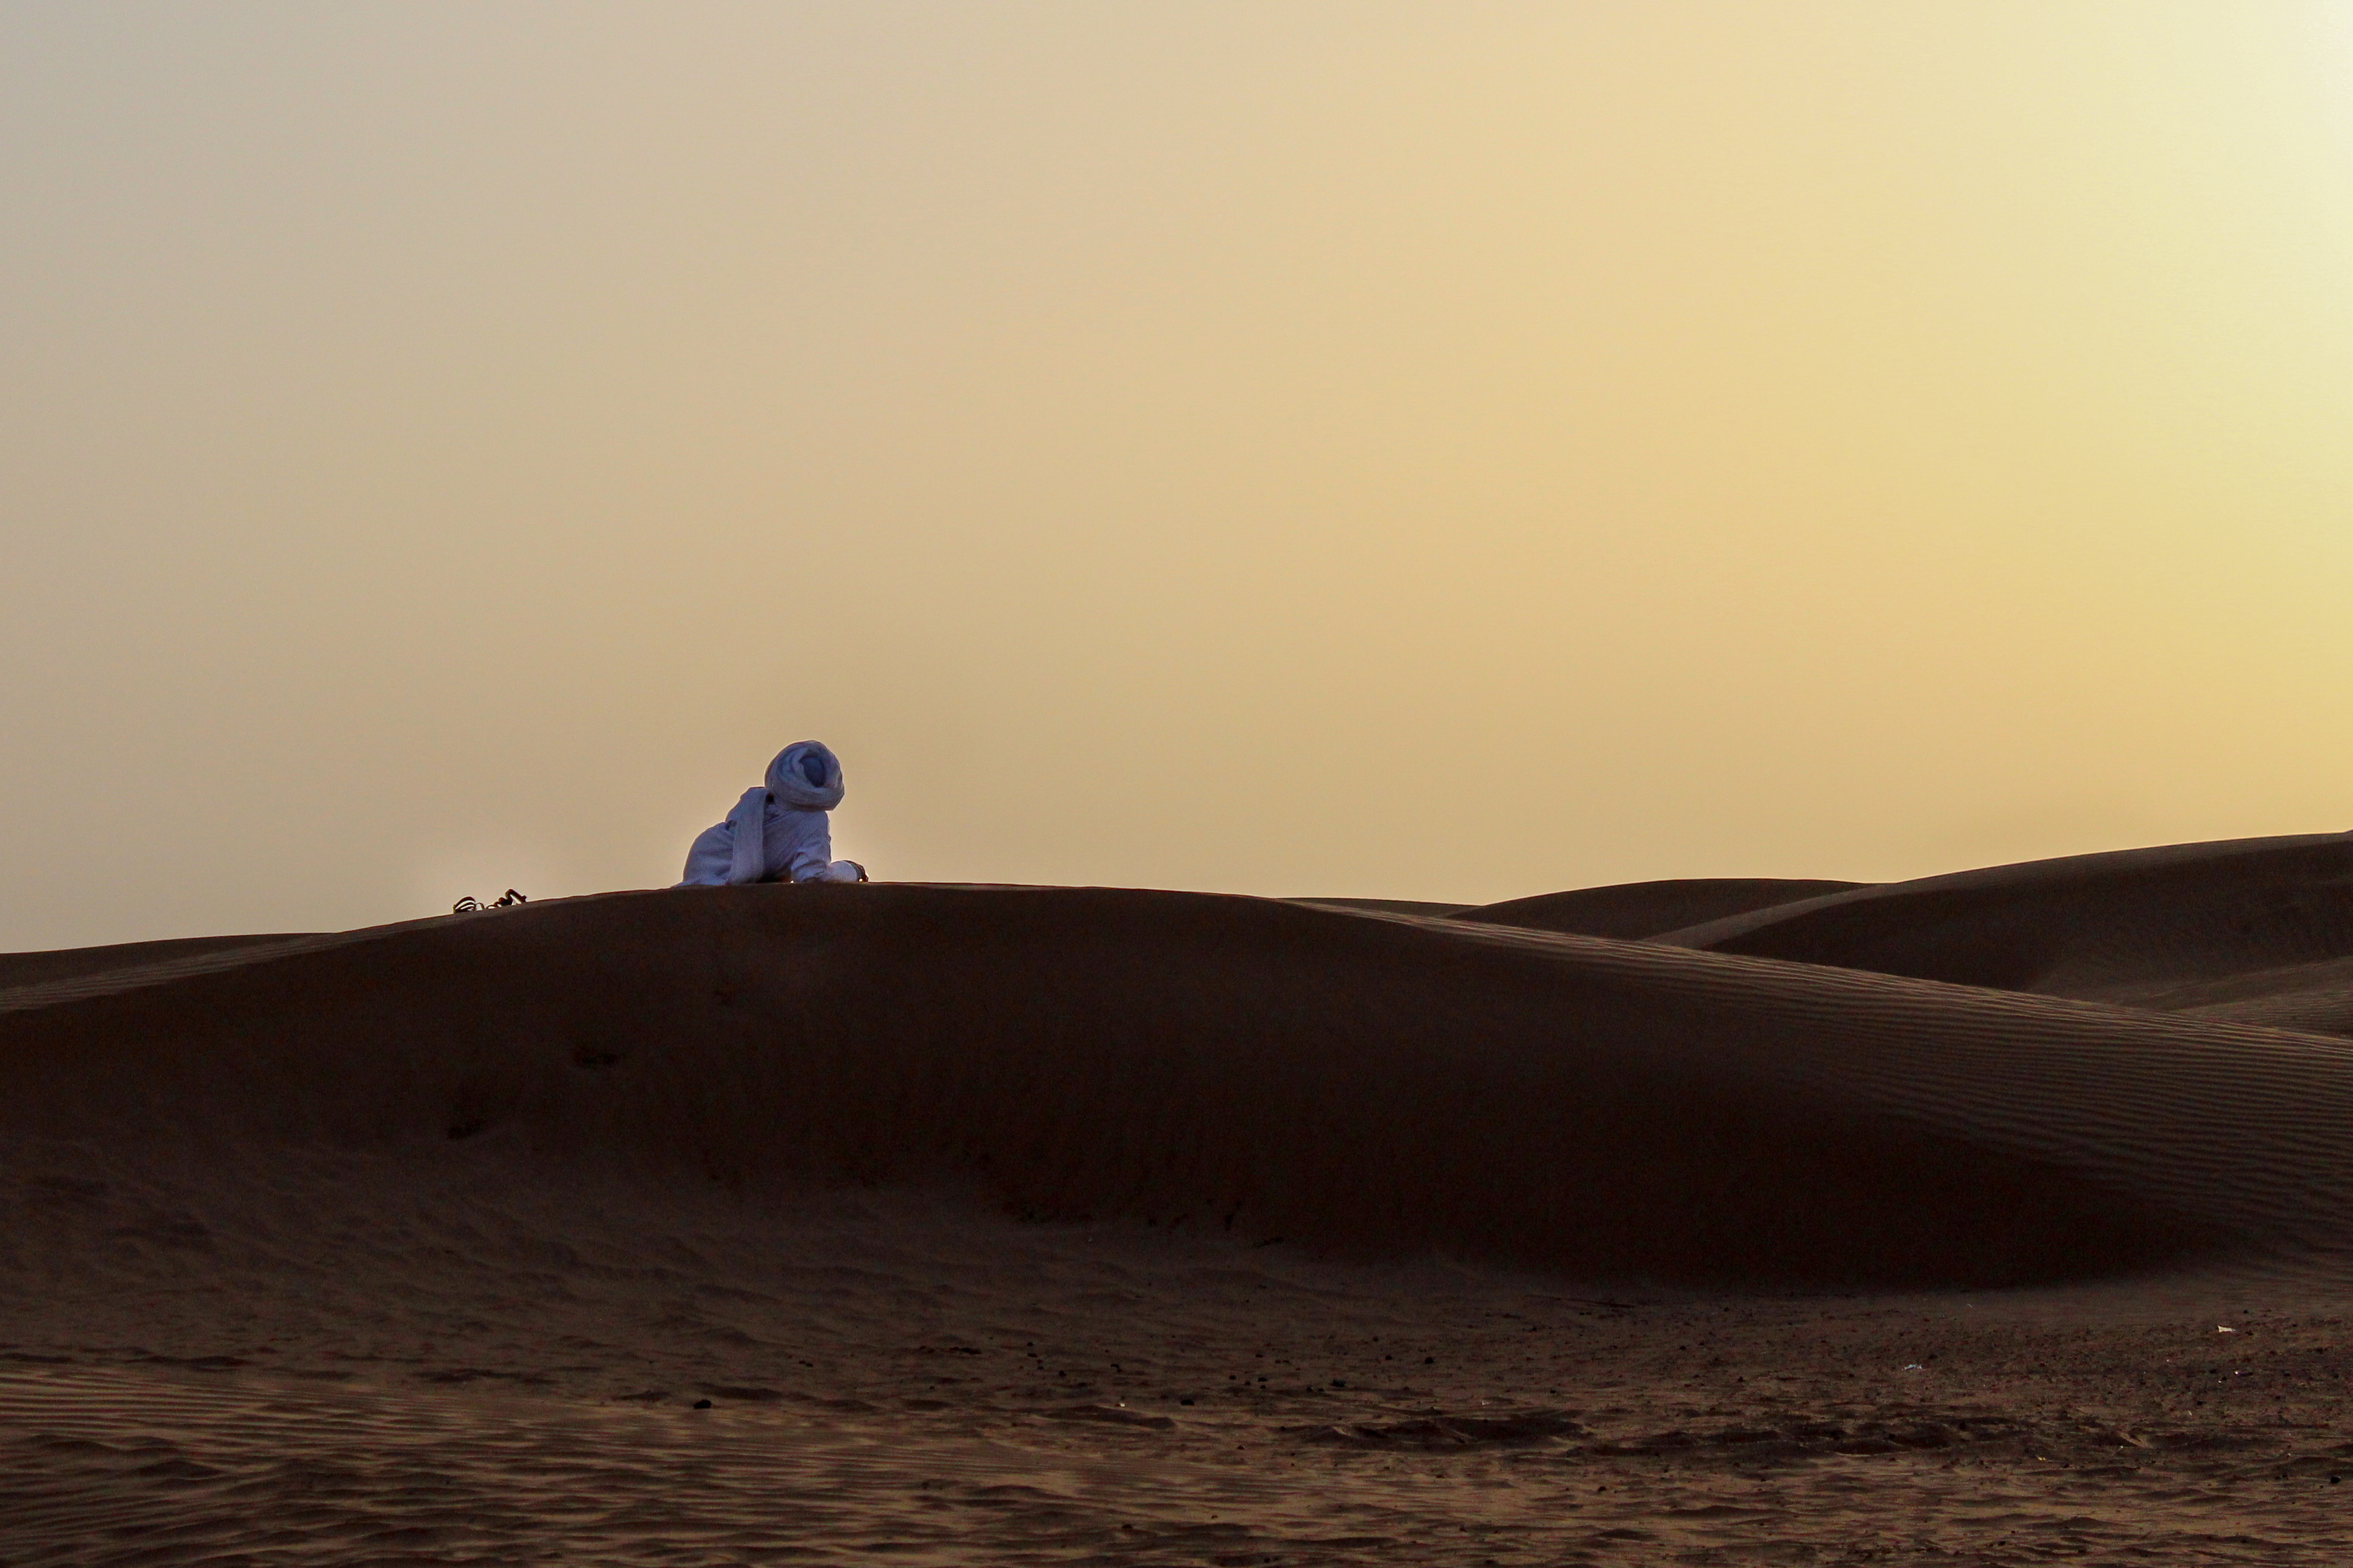 Tuareg in the desert in Morocco